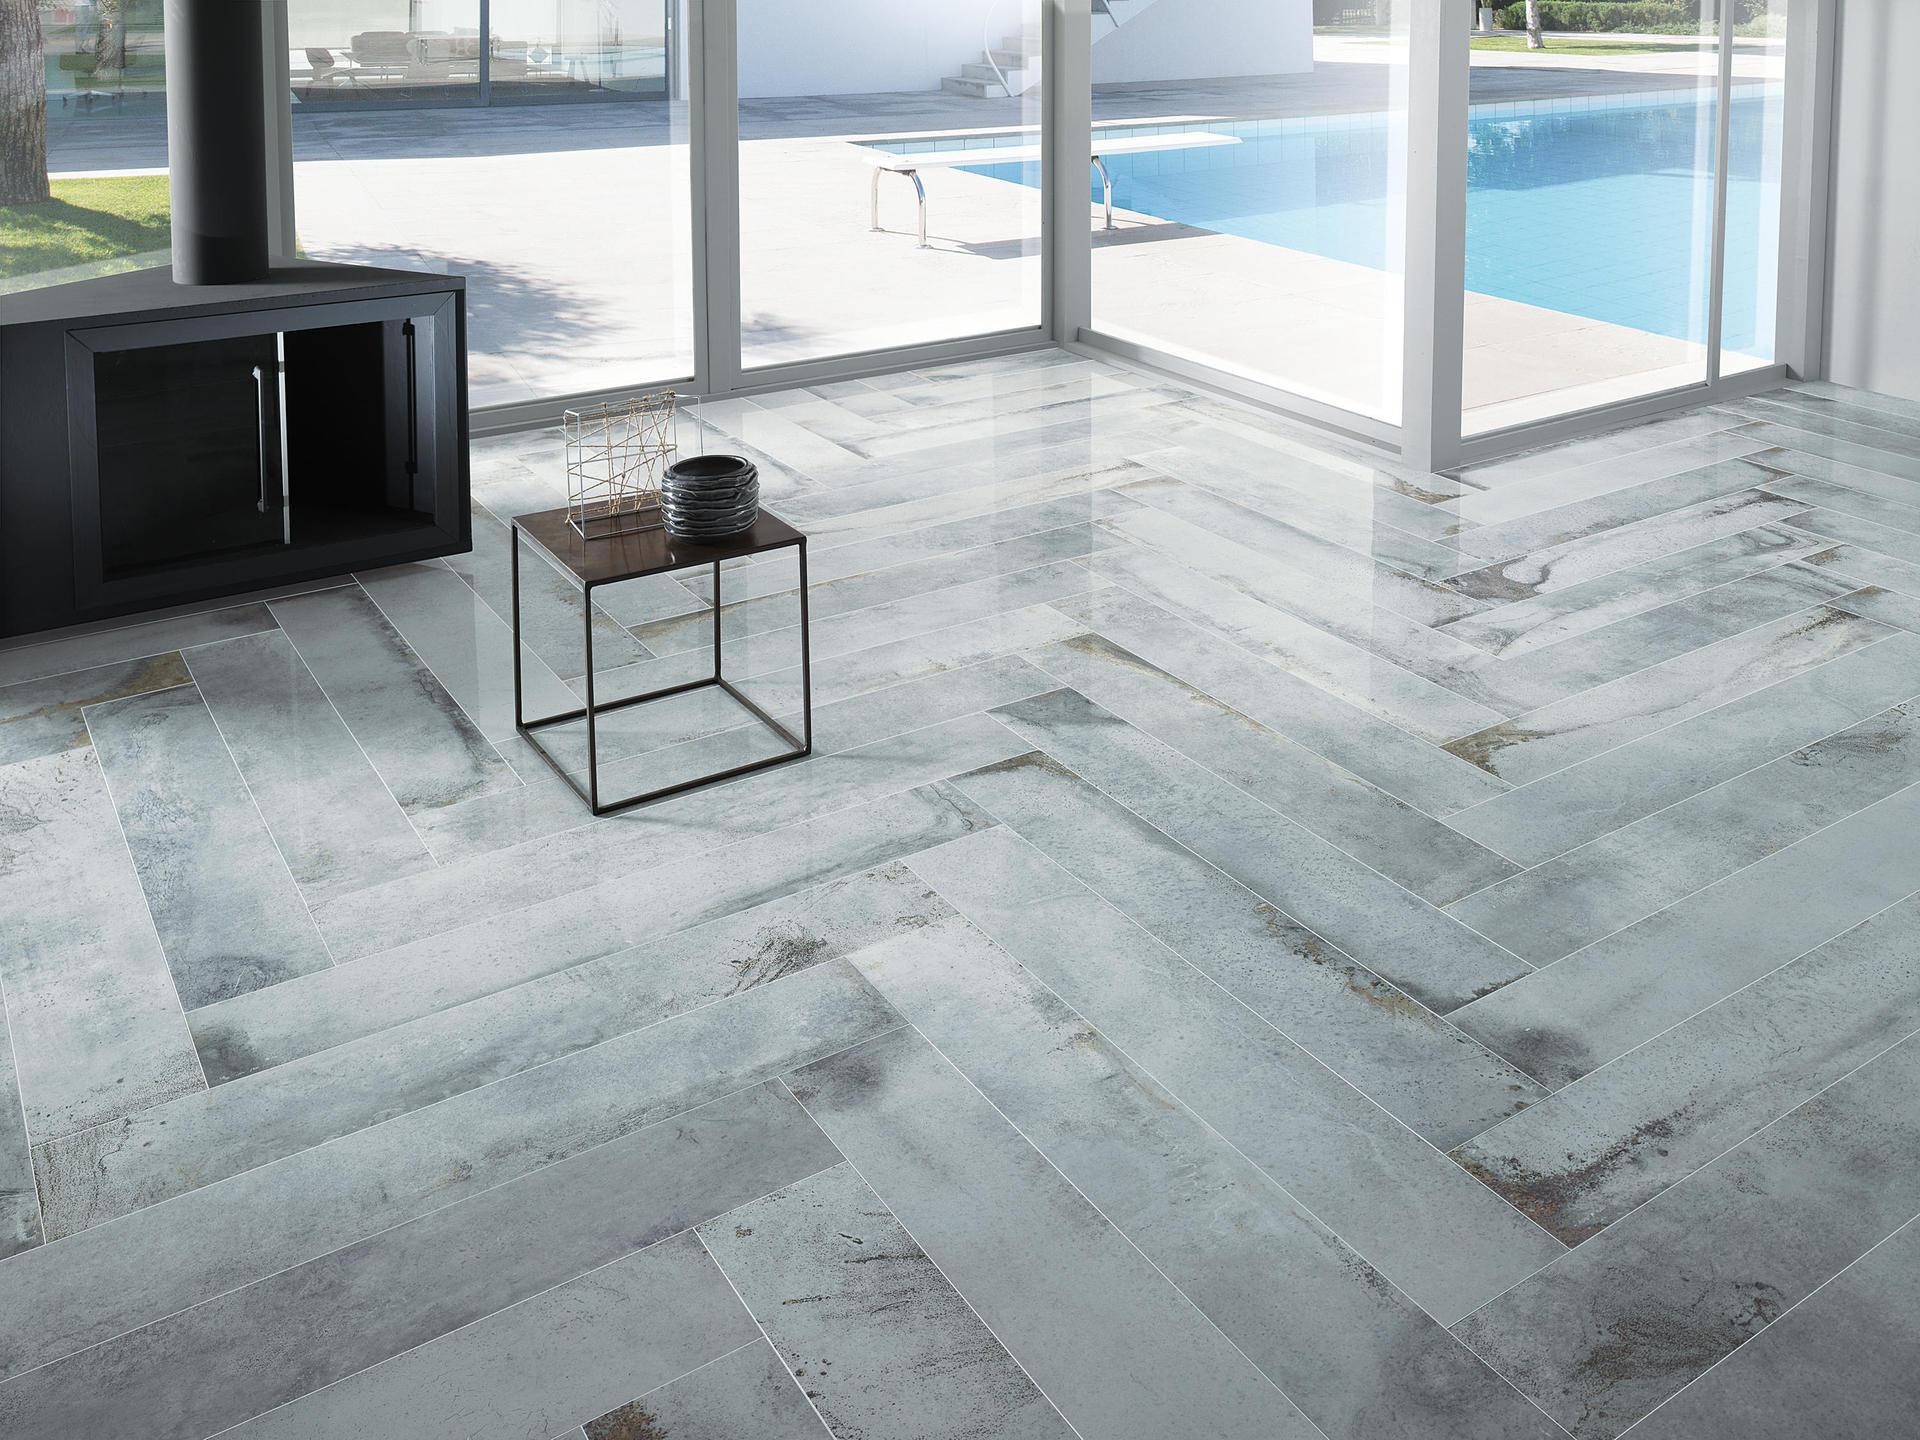 vista interna di un soggiorno con pavimento in piastrelle e infissi esterni